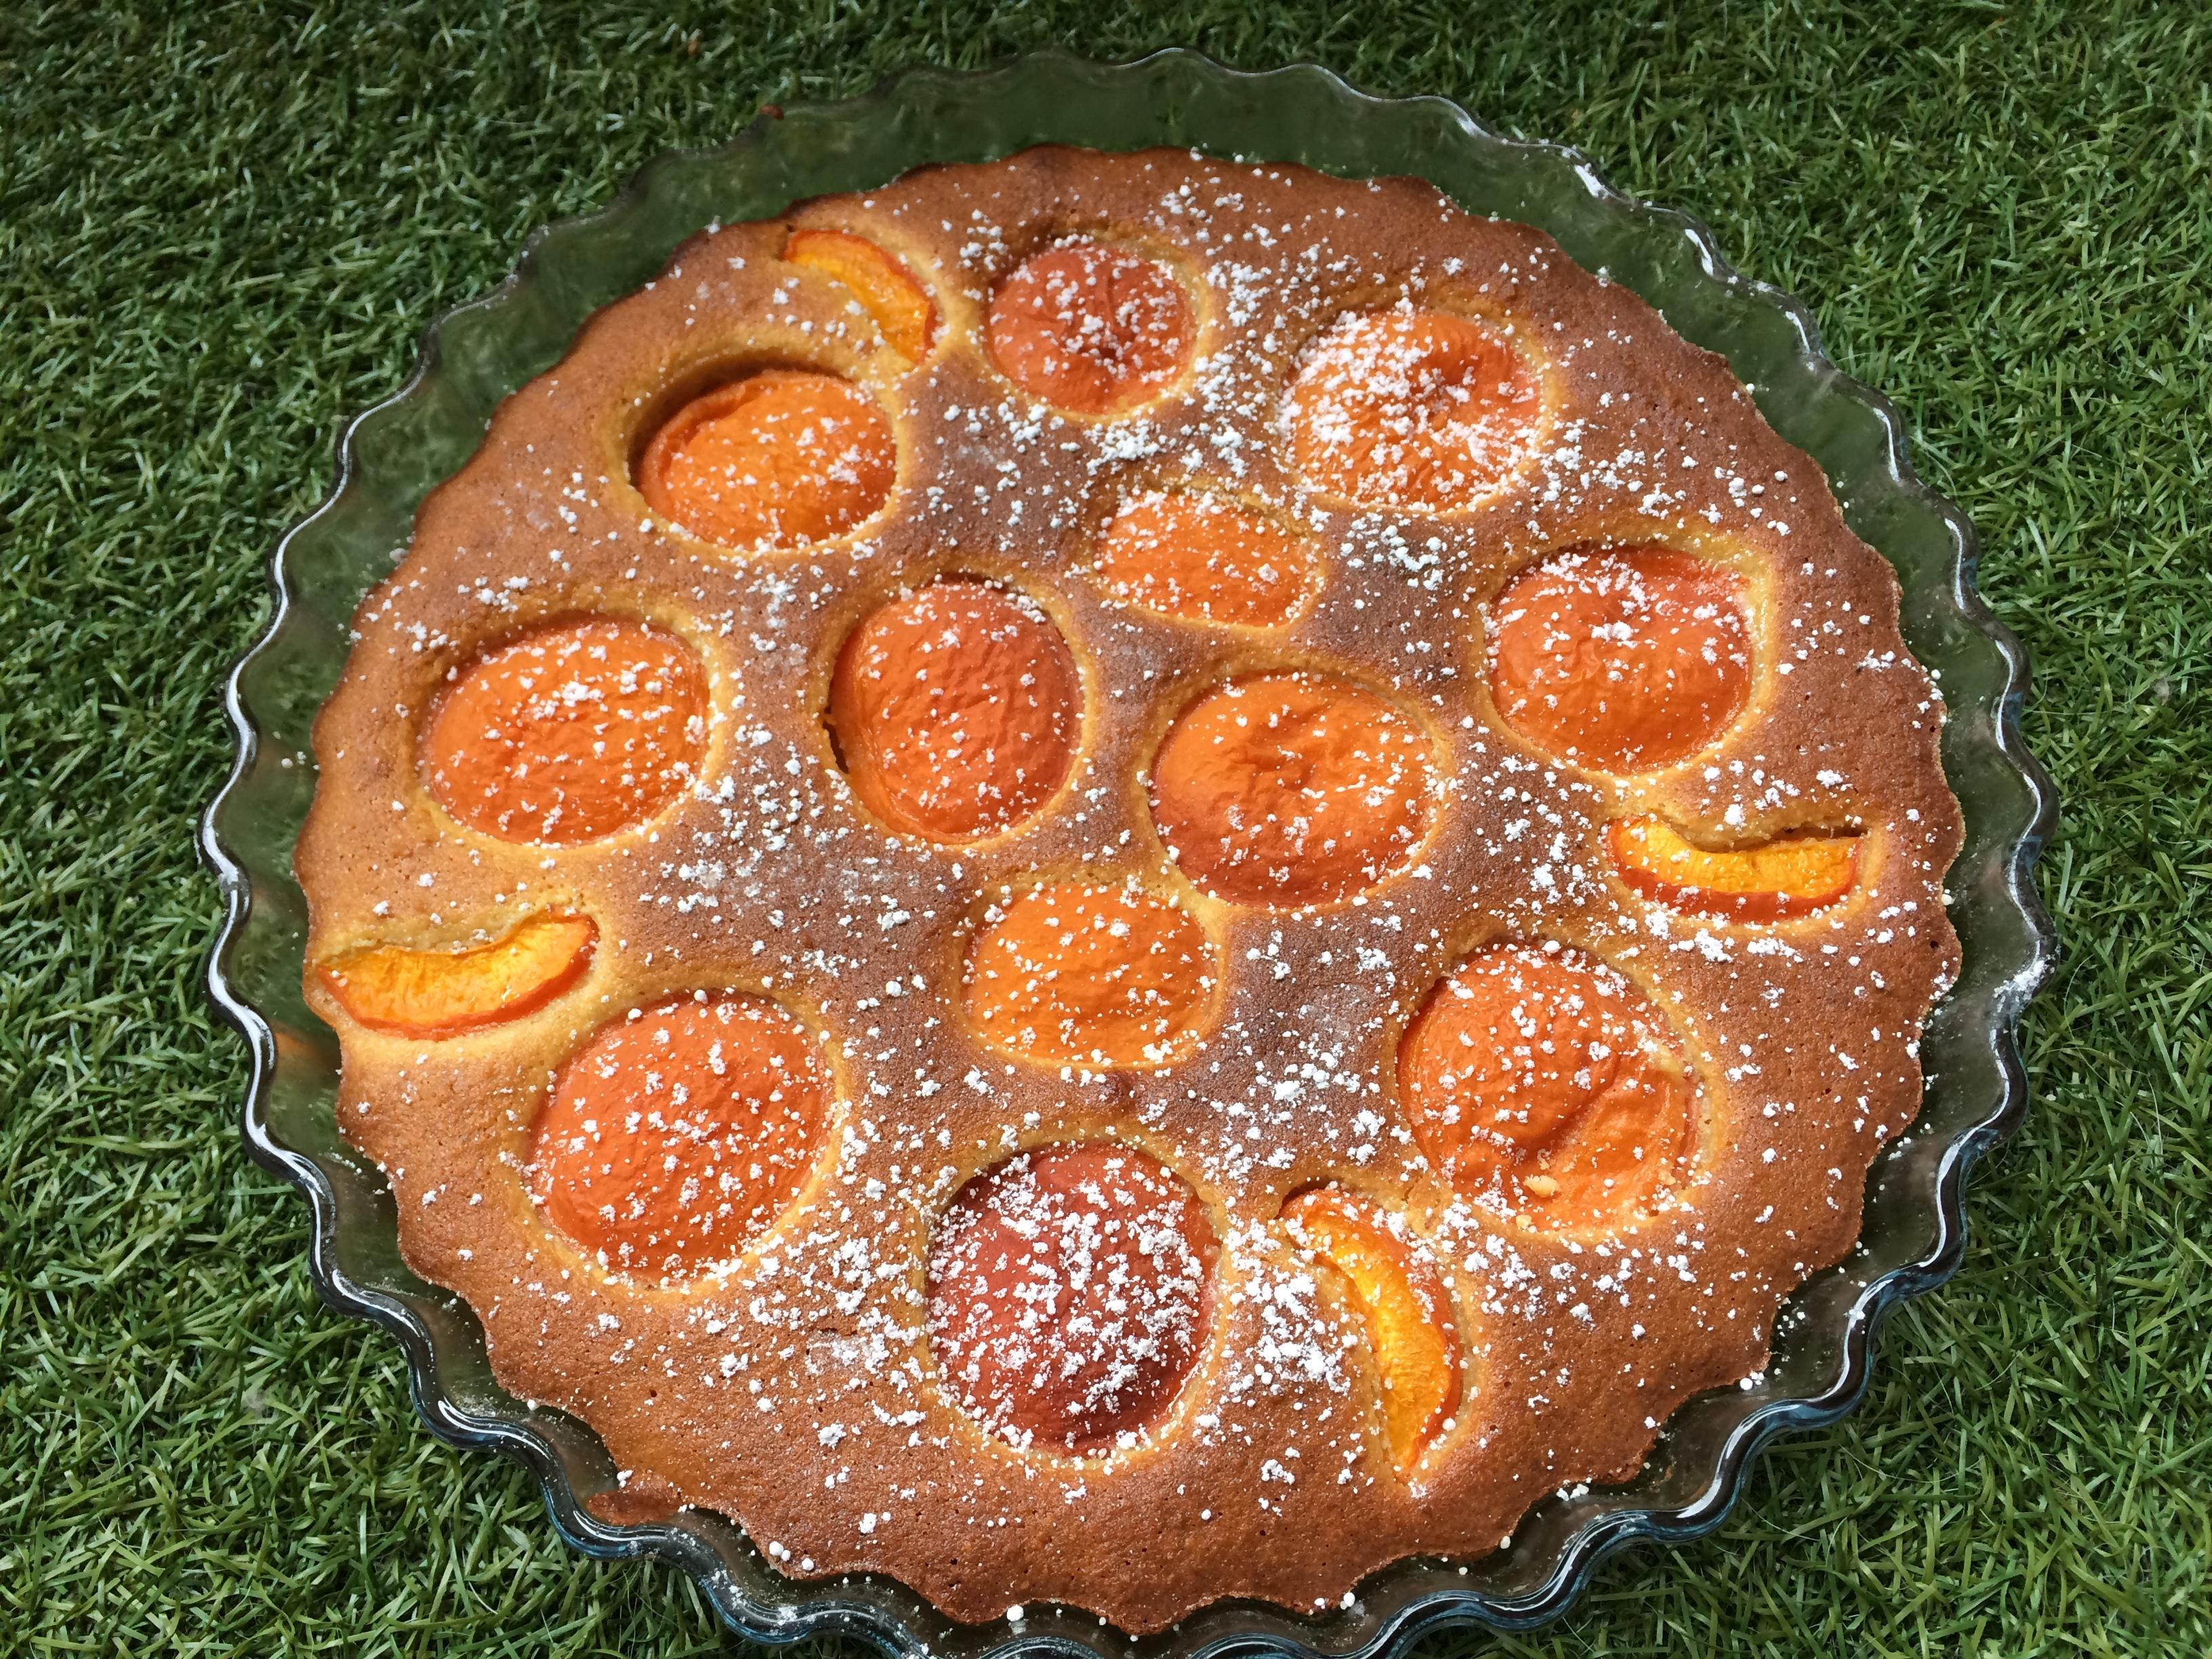 Recette de tarte aux abricots sans gluten pr par e maison - Recette de tarte aux abricots ...